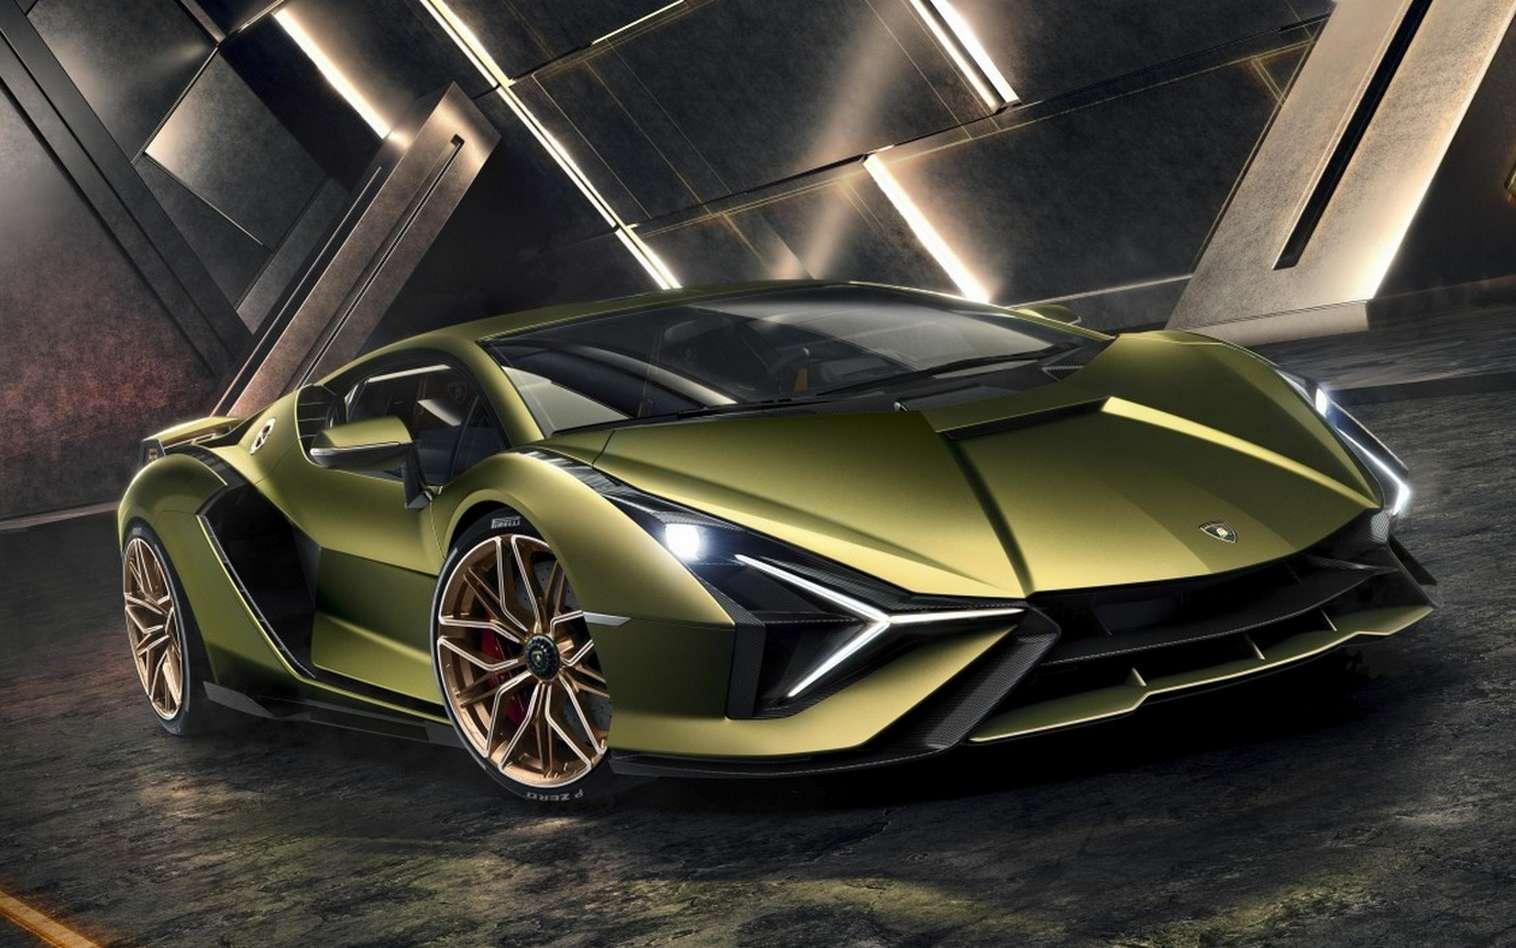 La Lamborghini Sián rend hommage à la mythique Countach. © Lamborghini